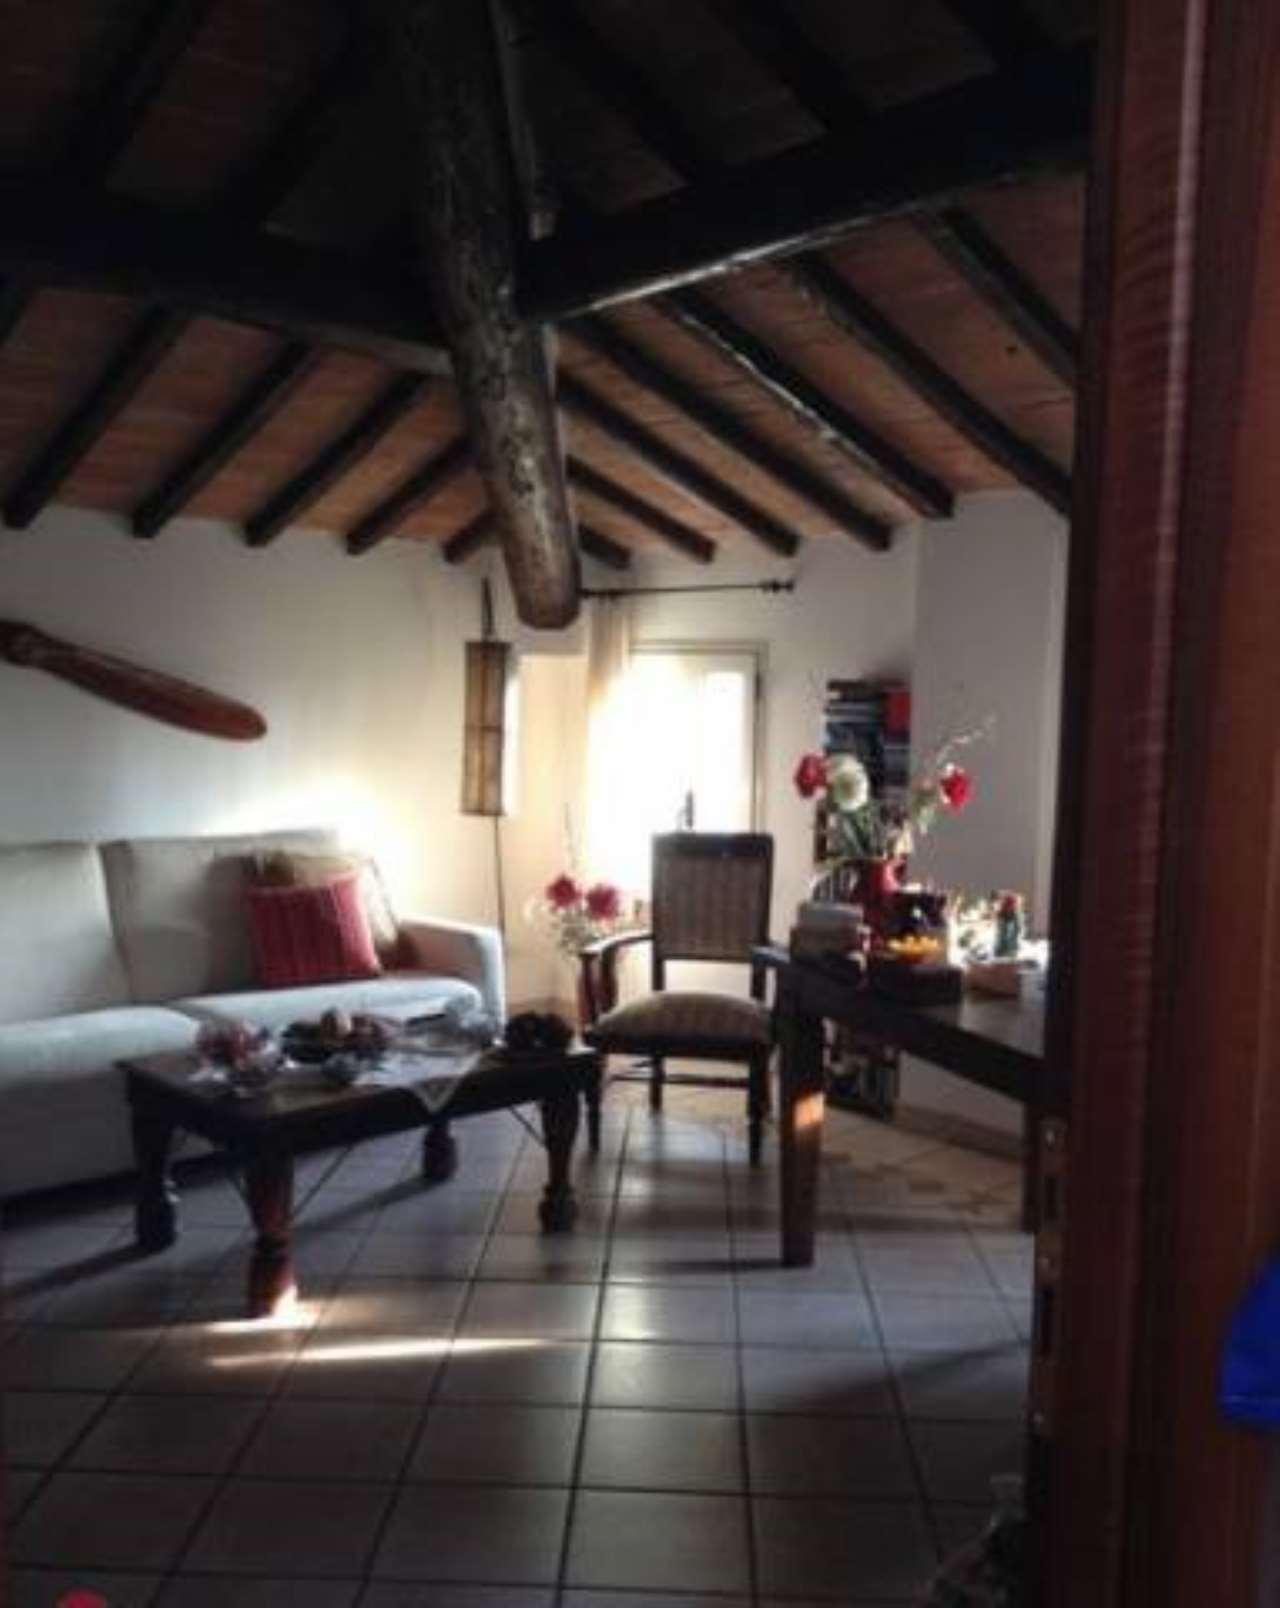 Rustico / Casale in vendita a Rio Saliceto, 1 locali, prezzo € 380.000 | CambioCasa.it